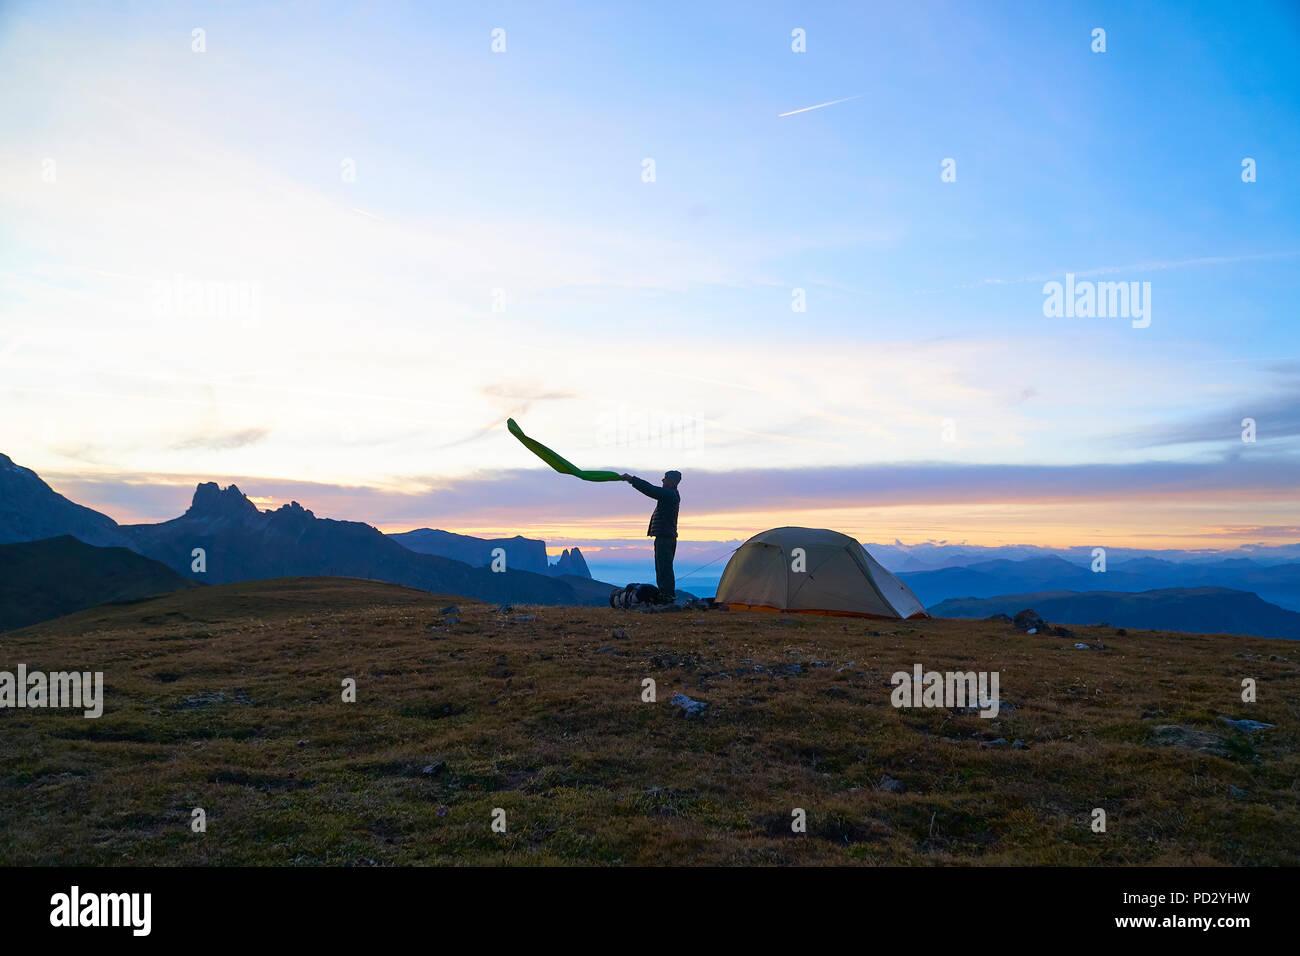 Escursionista preparazione al camp al tramonto, Canazei, Trentino-Alto Adige, Italia Immagini Stock